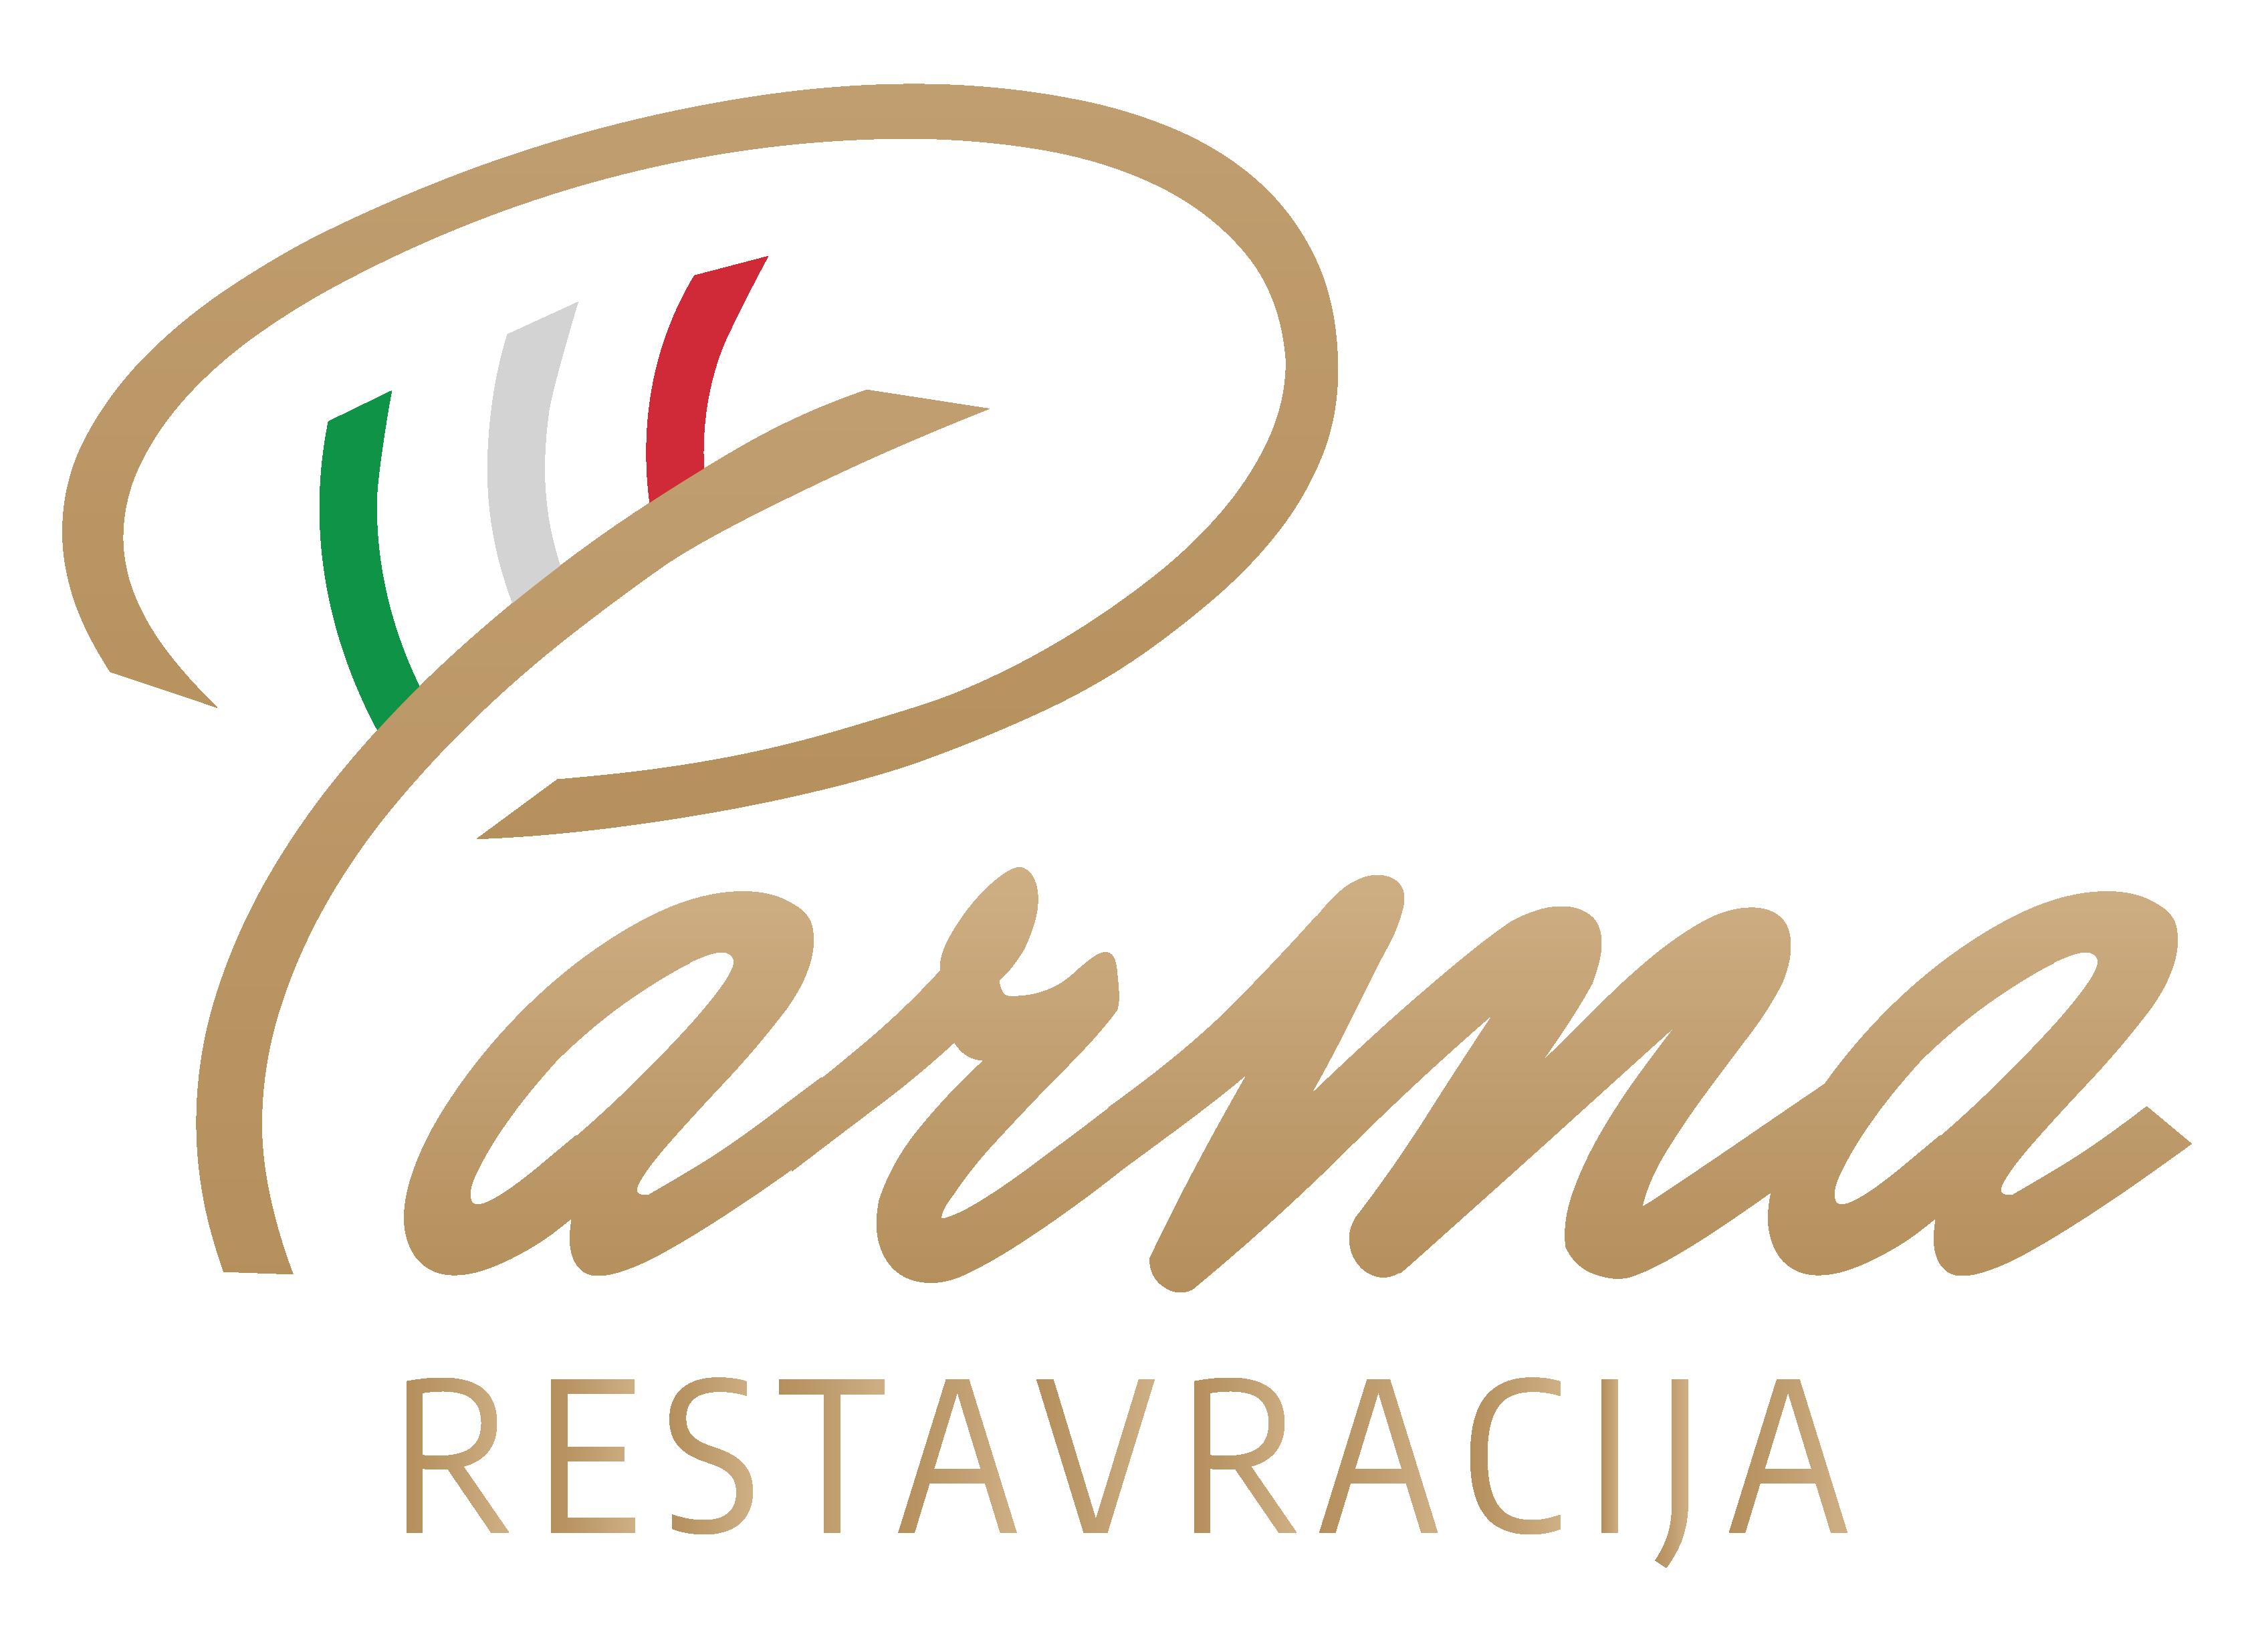 Parma restavracija